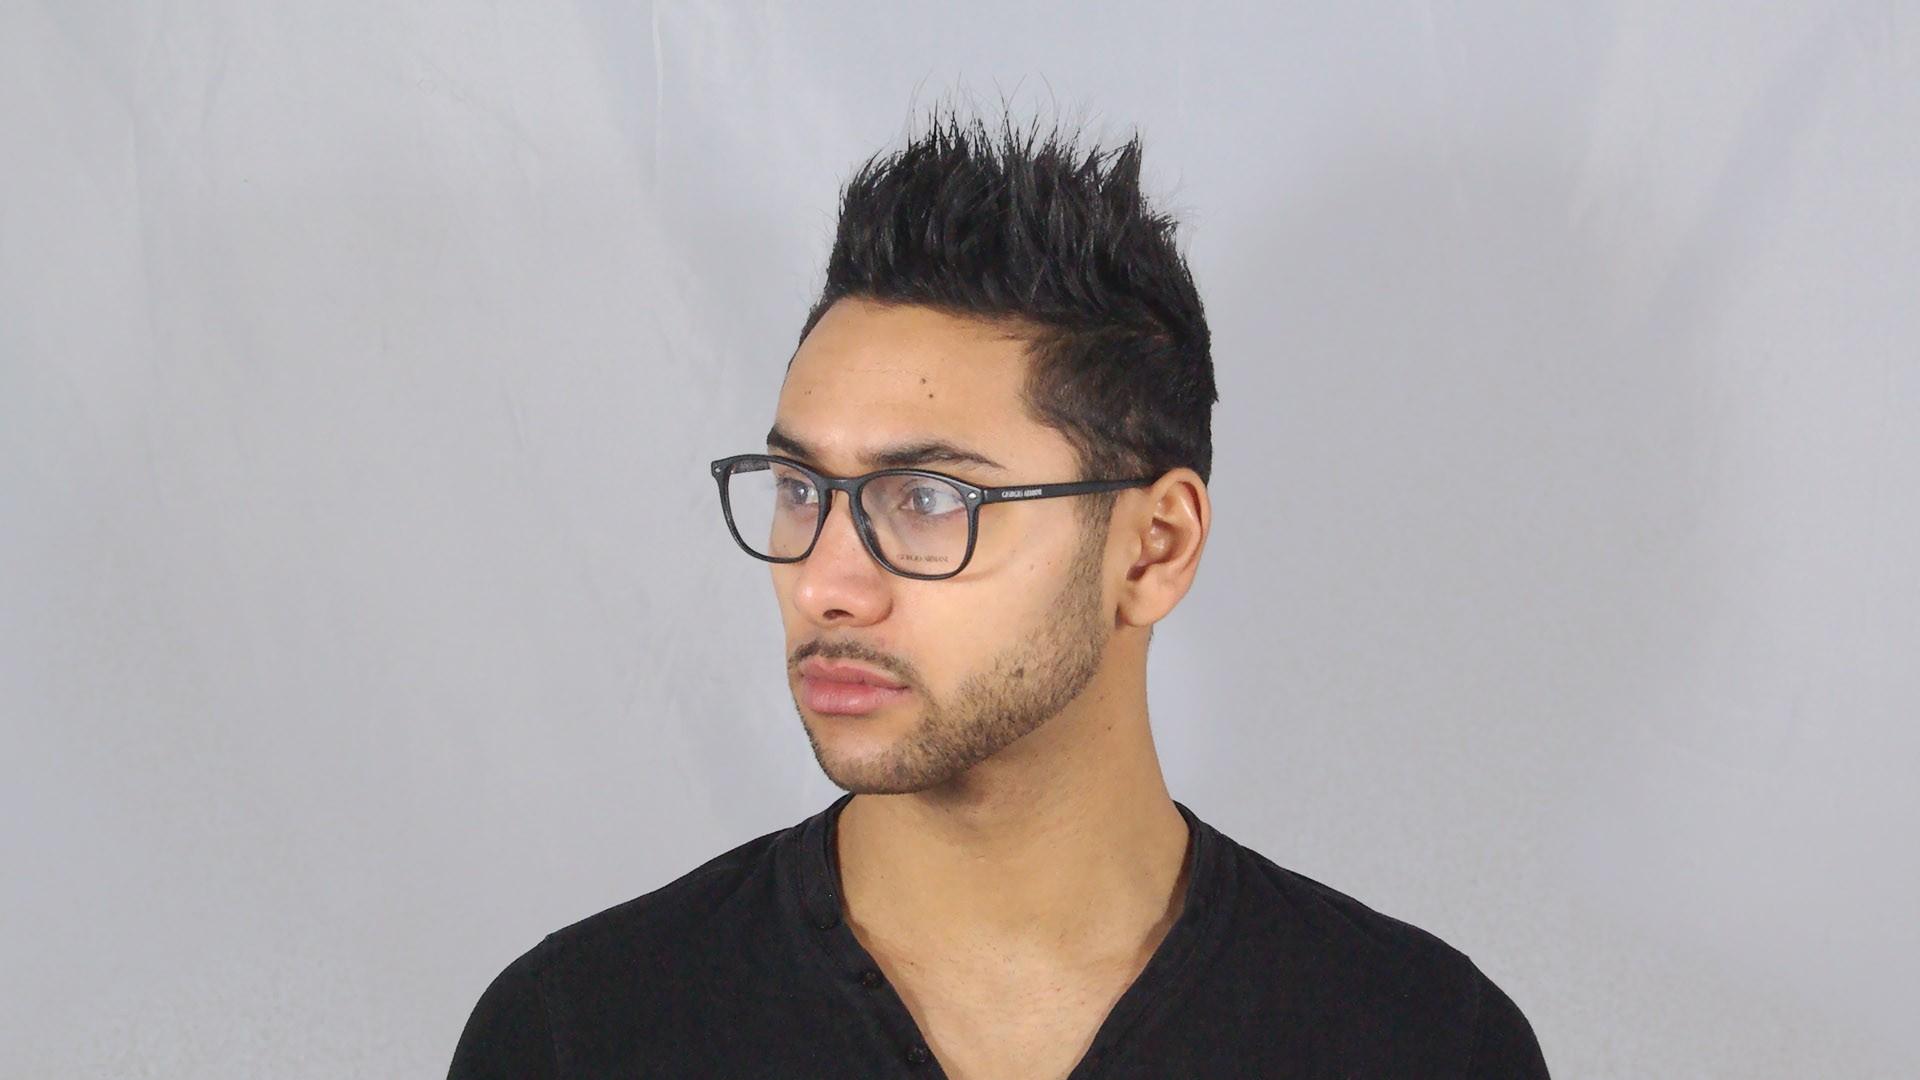 c7efdde22e3 Eyeglasses Giorgio Armani Frames of Life Black AR7003 5001 52-18 Medium